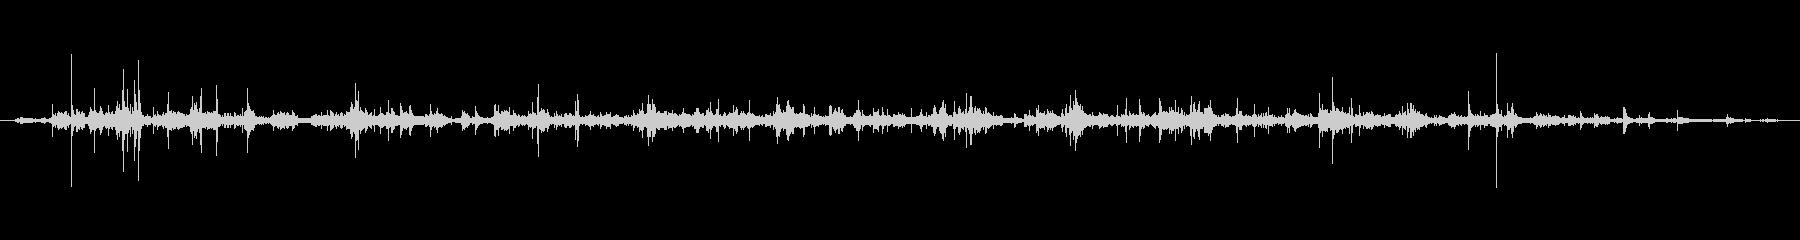 フラグ フラップストーミー01の未再生の波形